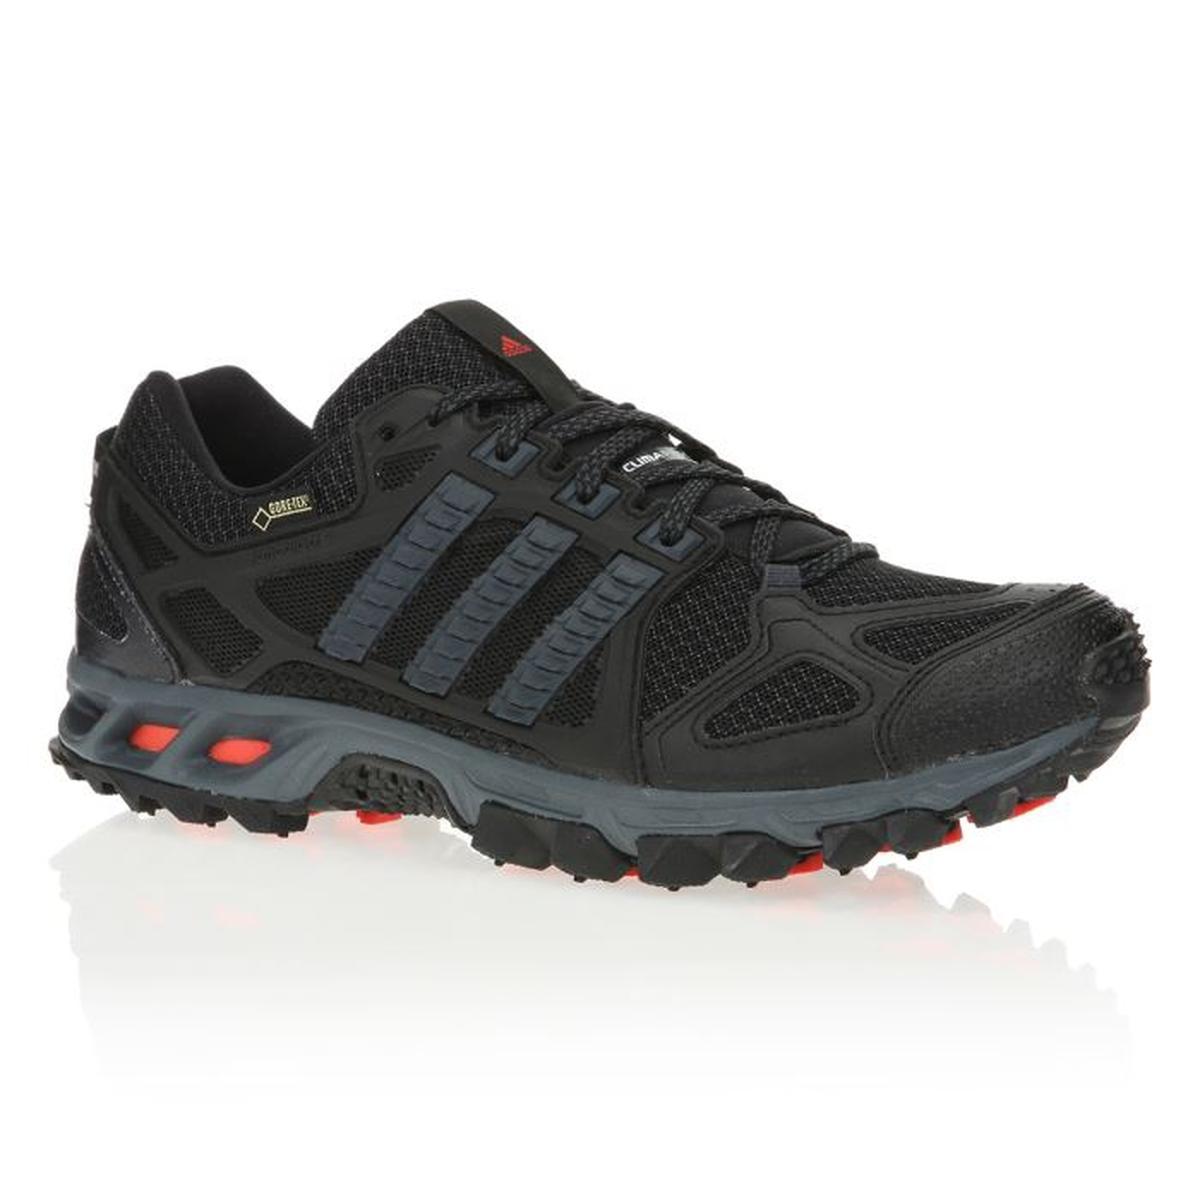 a9ae020c5d4 Acheter adidas chaussures trail kanadia 7 homme original pas cher ici en  ligne avec le prix le plus bas possible. Remises spéciales sur les  nouvelles offres ...